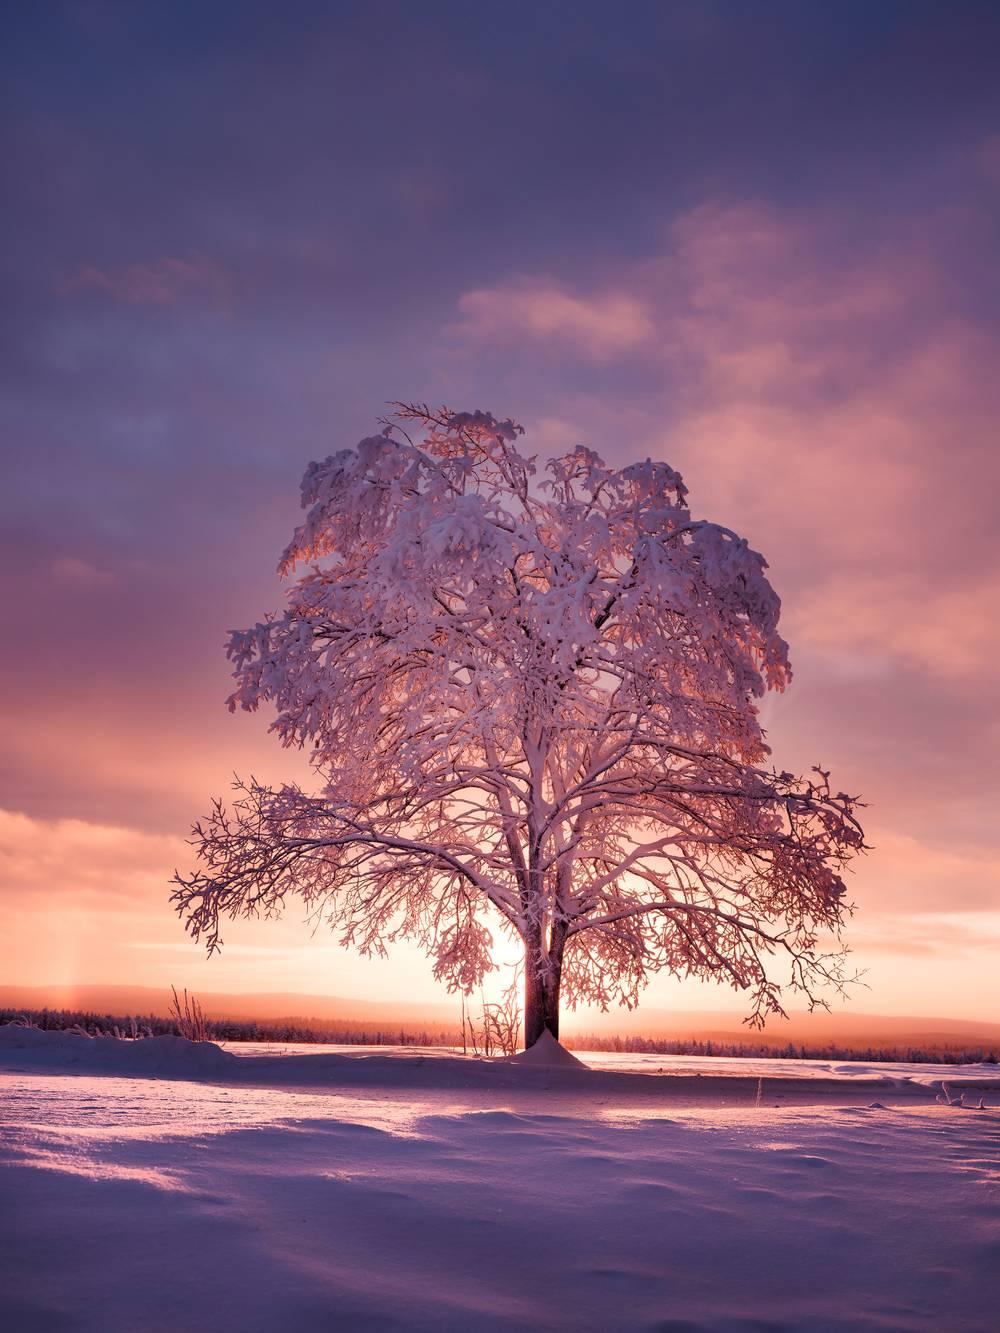 coucher de soleil Lever-de-soleil-sur-un-arbre-enneige